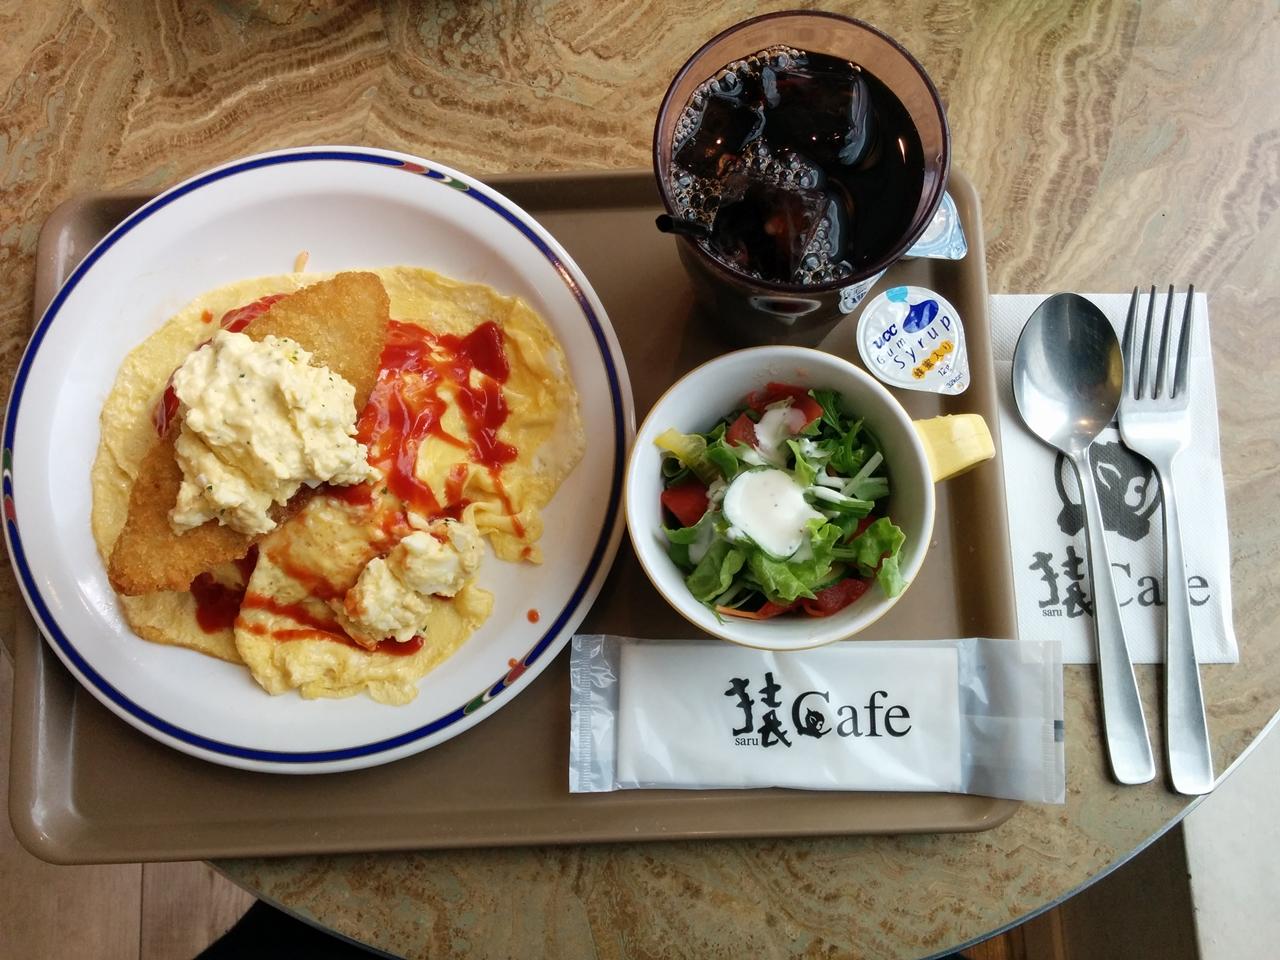 猿cafe 愛知学院大学名城公園キャンパス内にあるカフェ